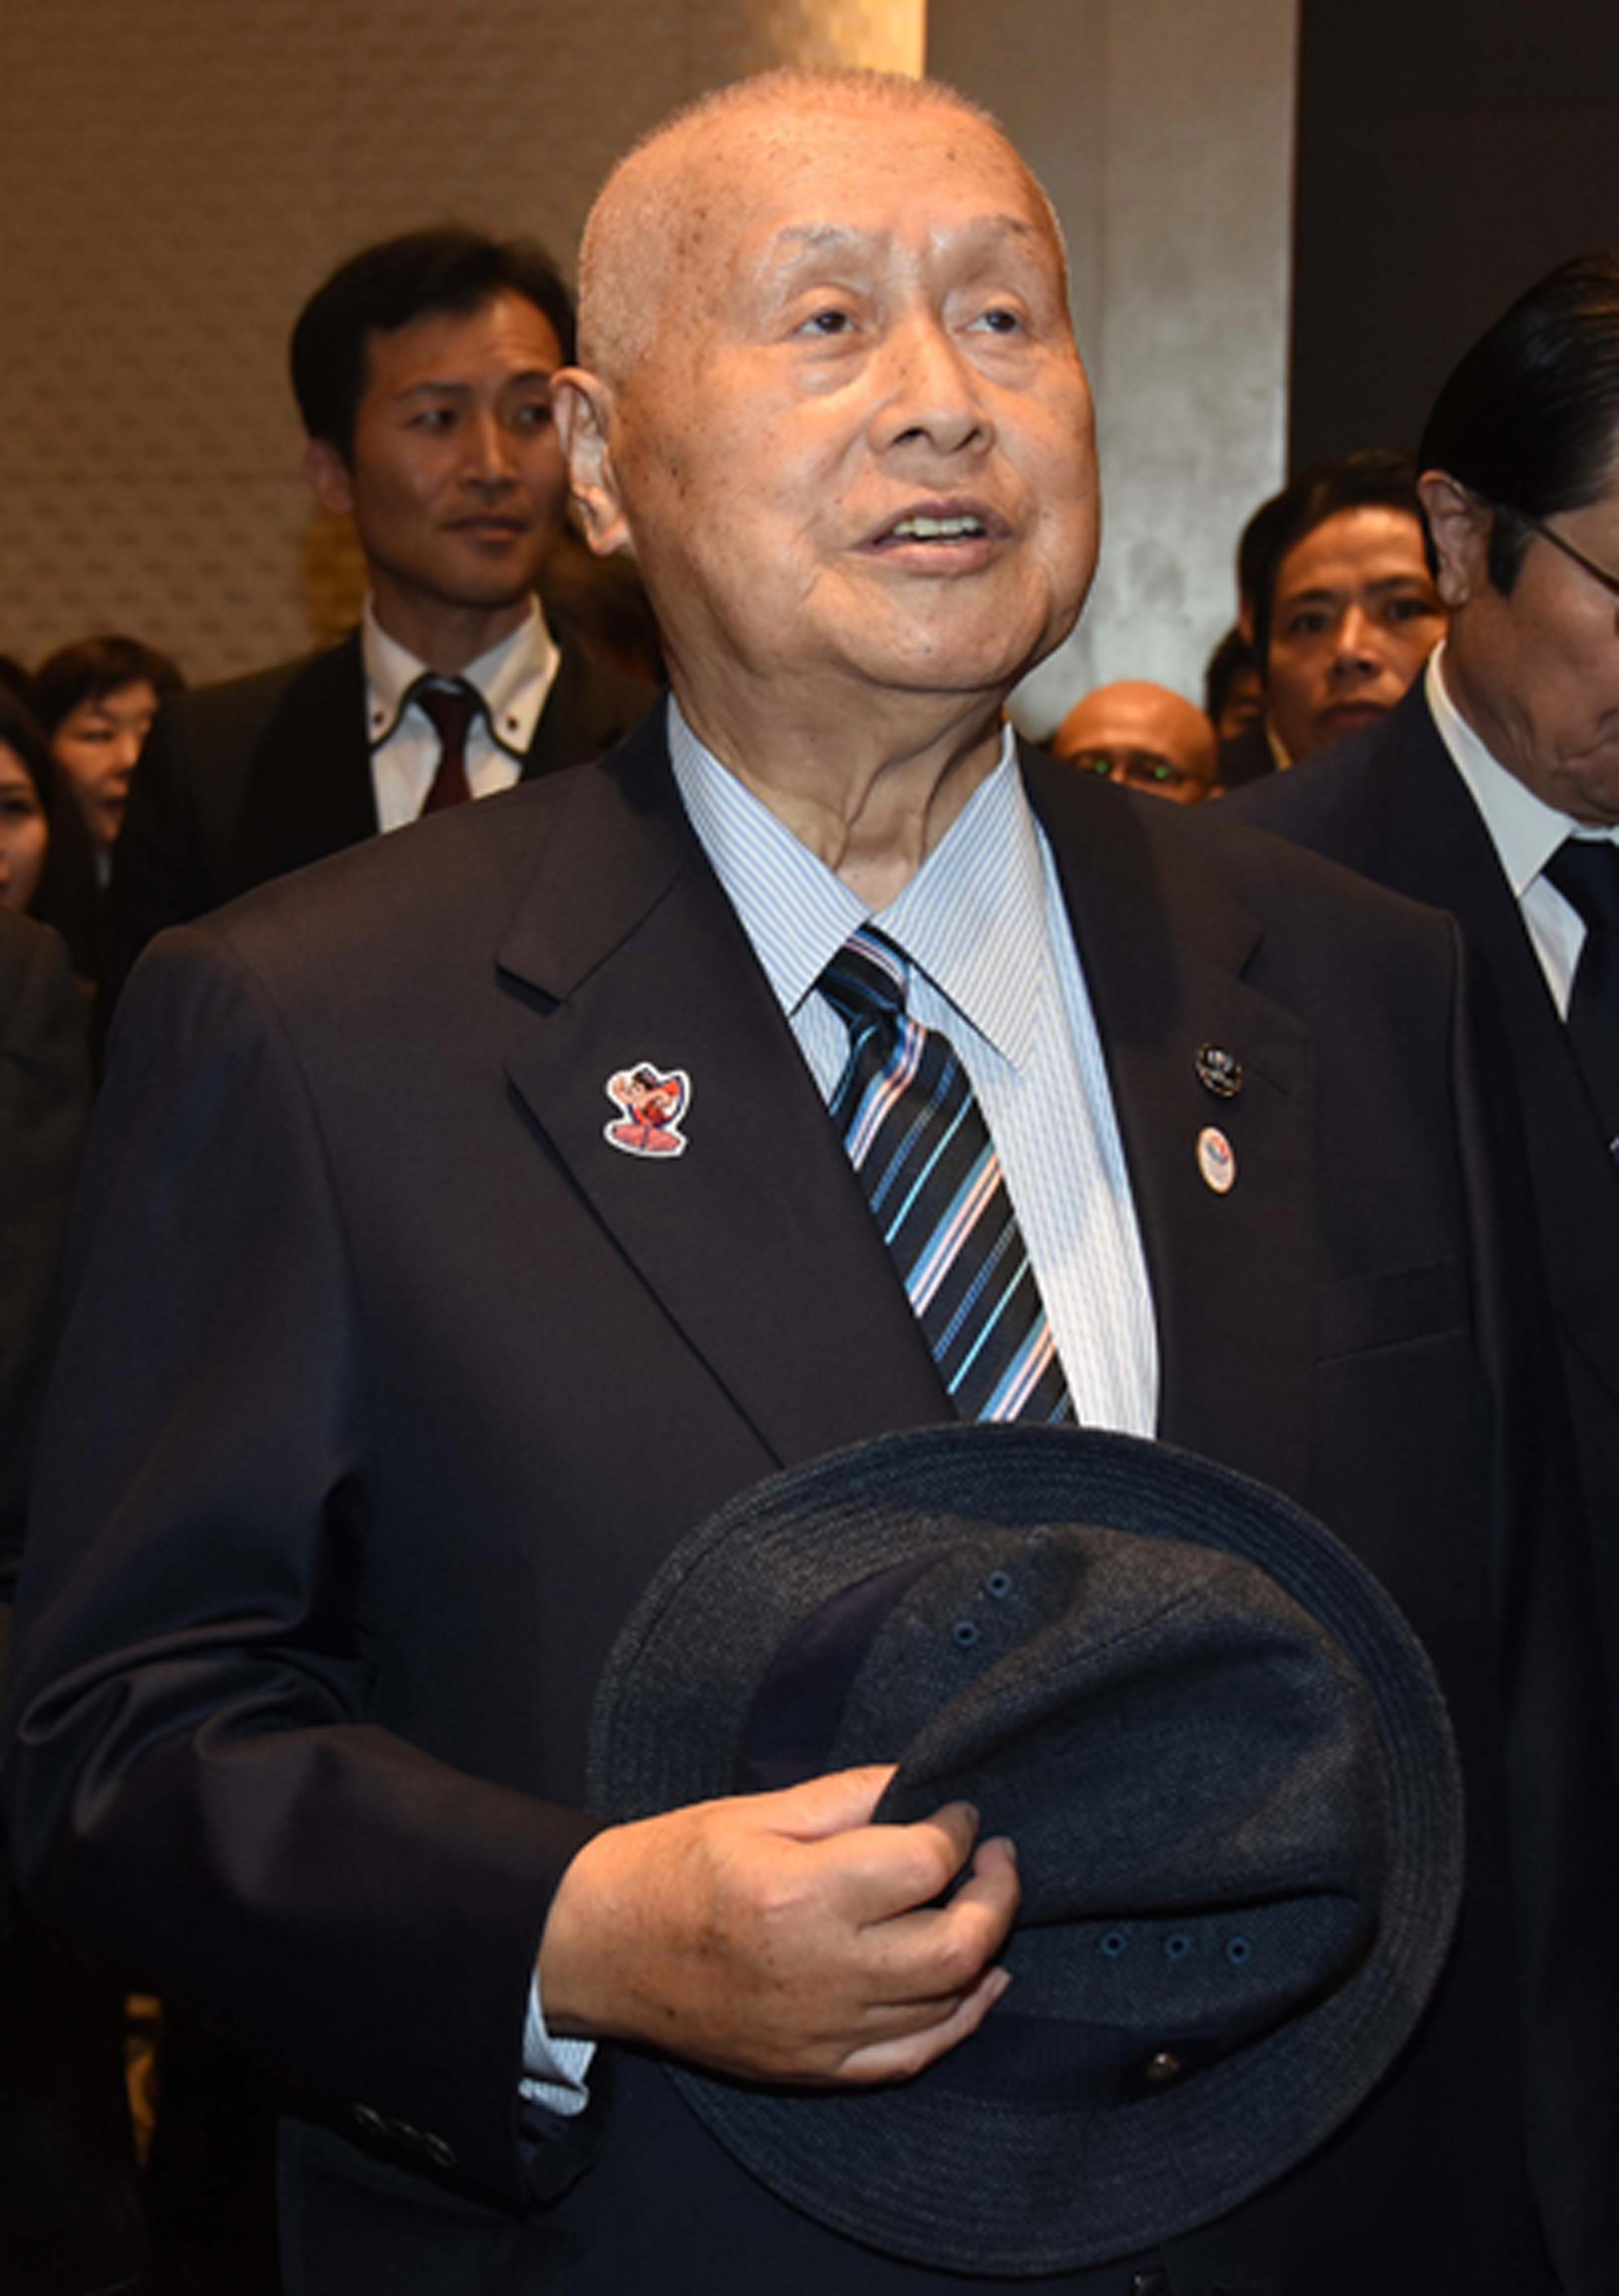 強引なやり方で知られる森喜朗組織委員会会長(C)日刊ゲンダイ